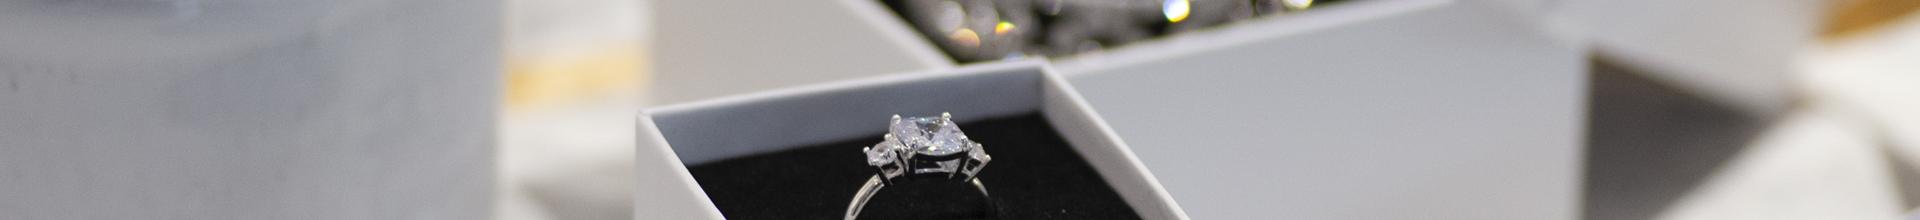 Luxury White Jewellery Boxes